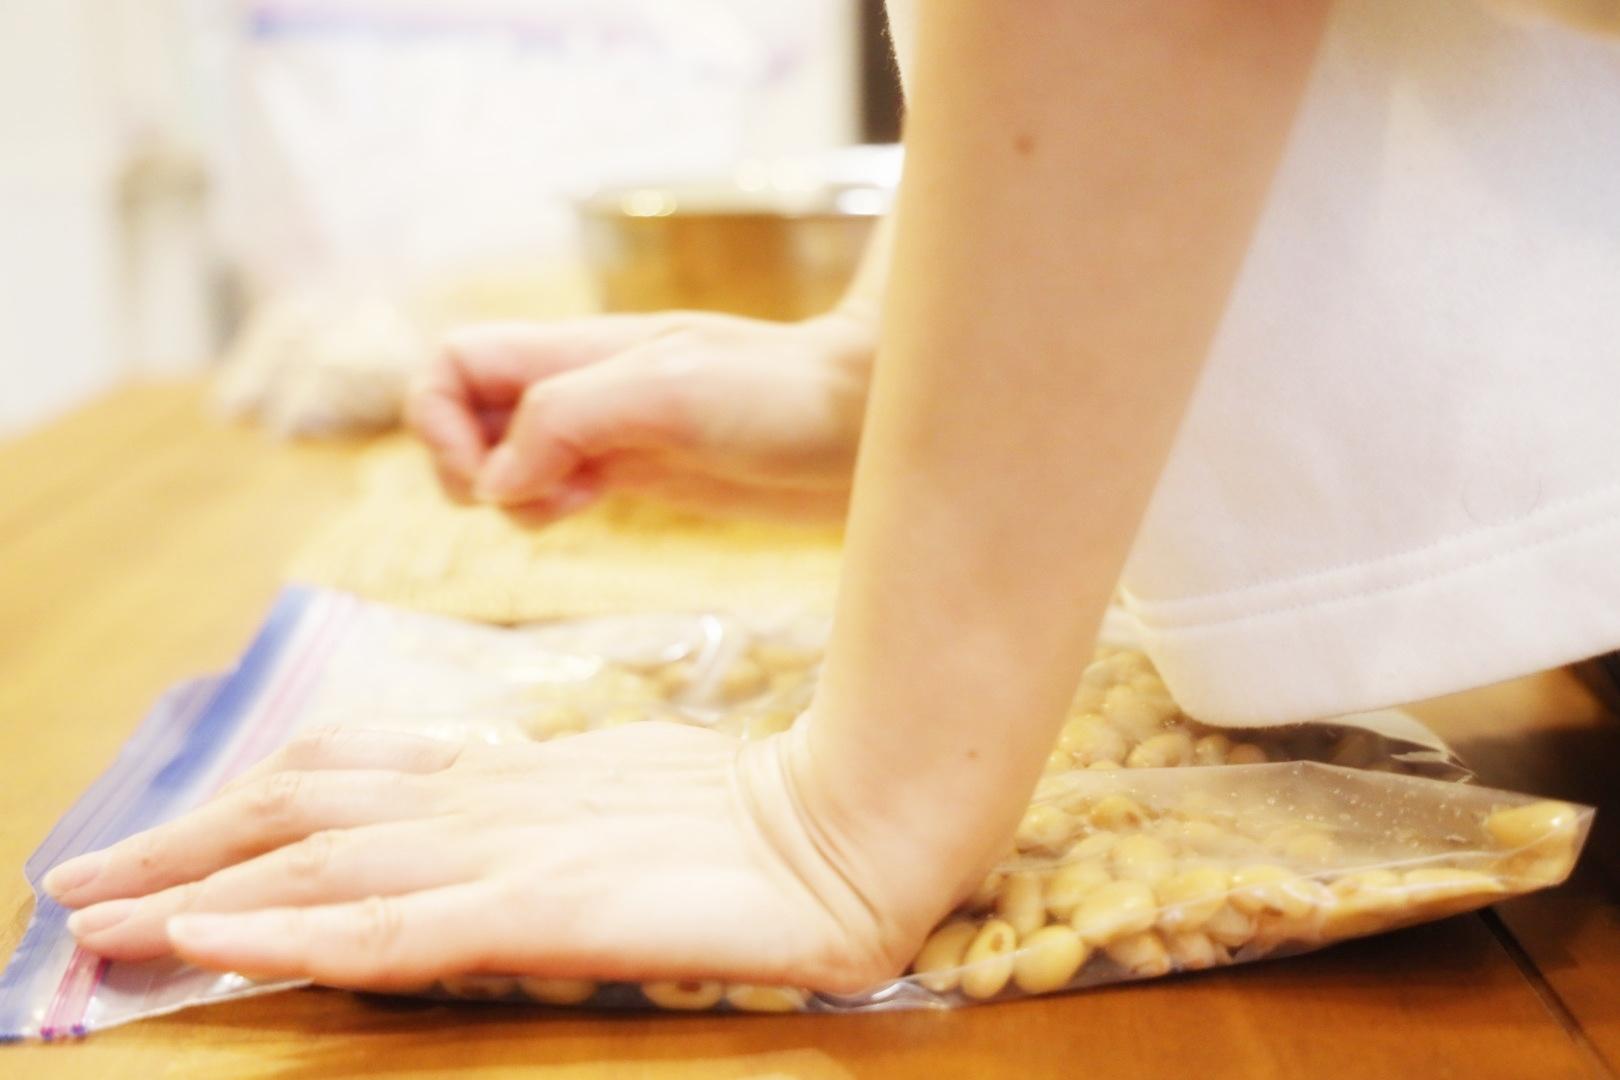 備蓄や保存に最適!免疫力を高める最強の発酵食品「味噌」を、ジップロックで手軽に作っちゃおう♪_1_5